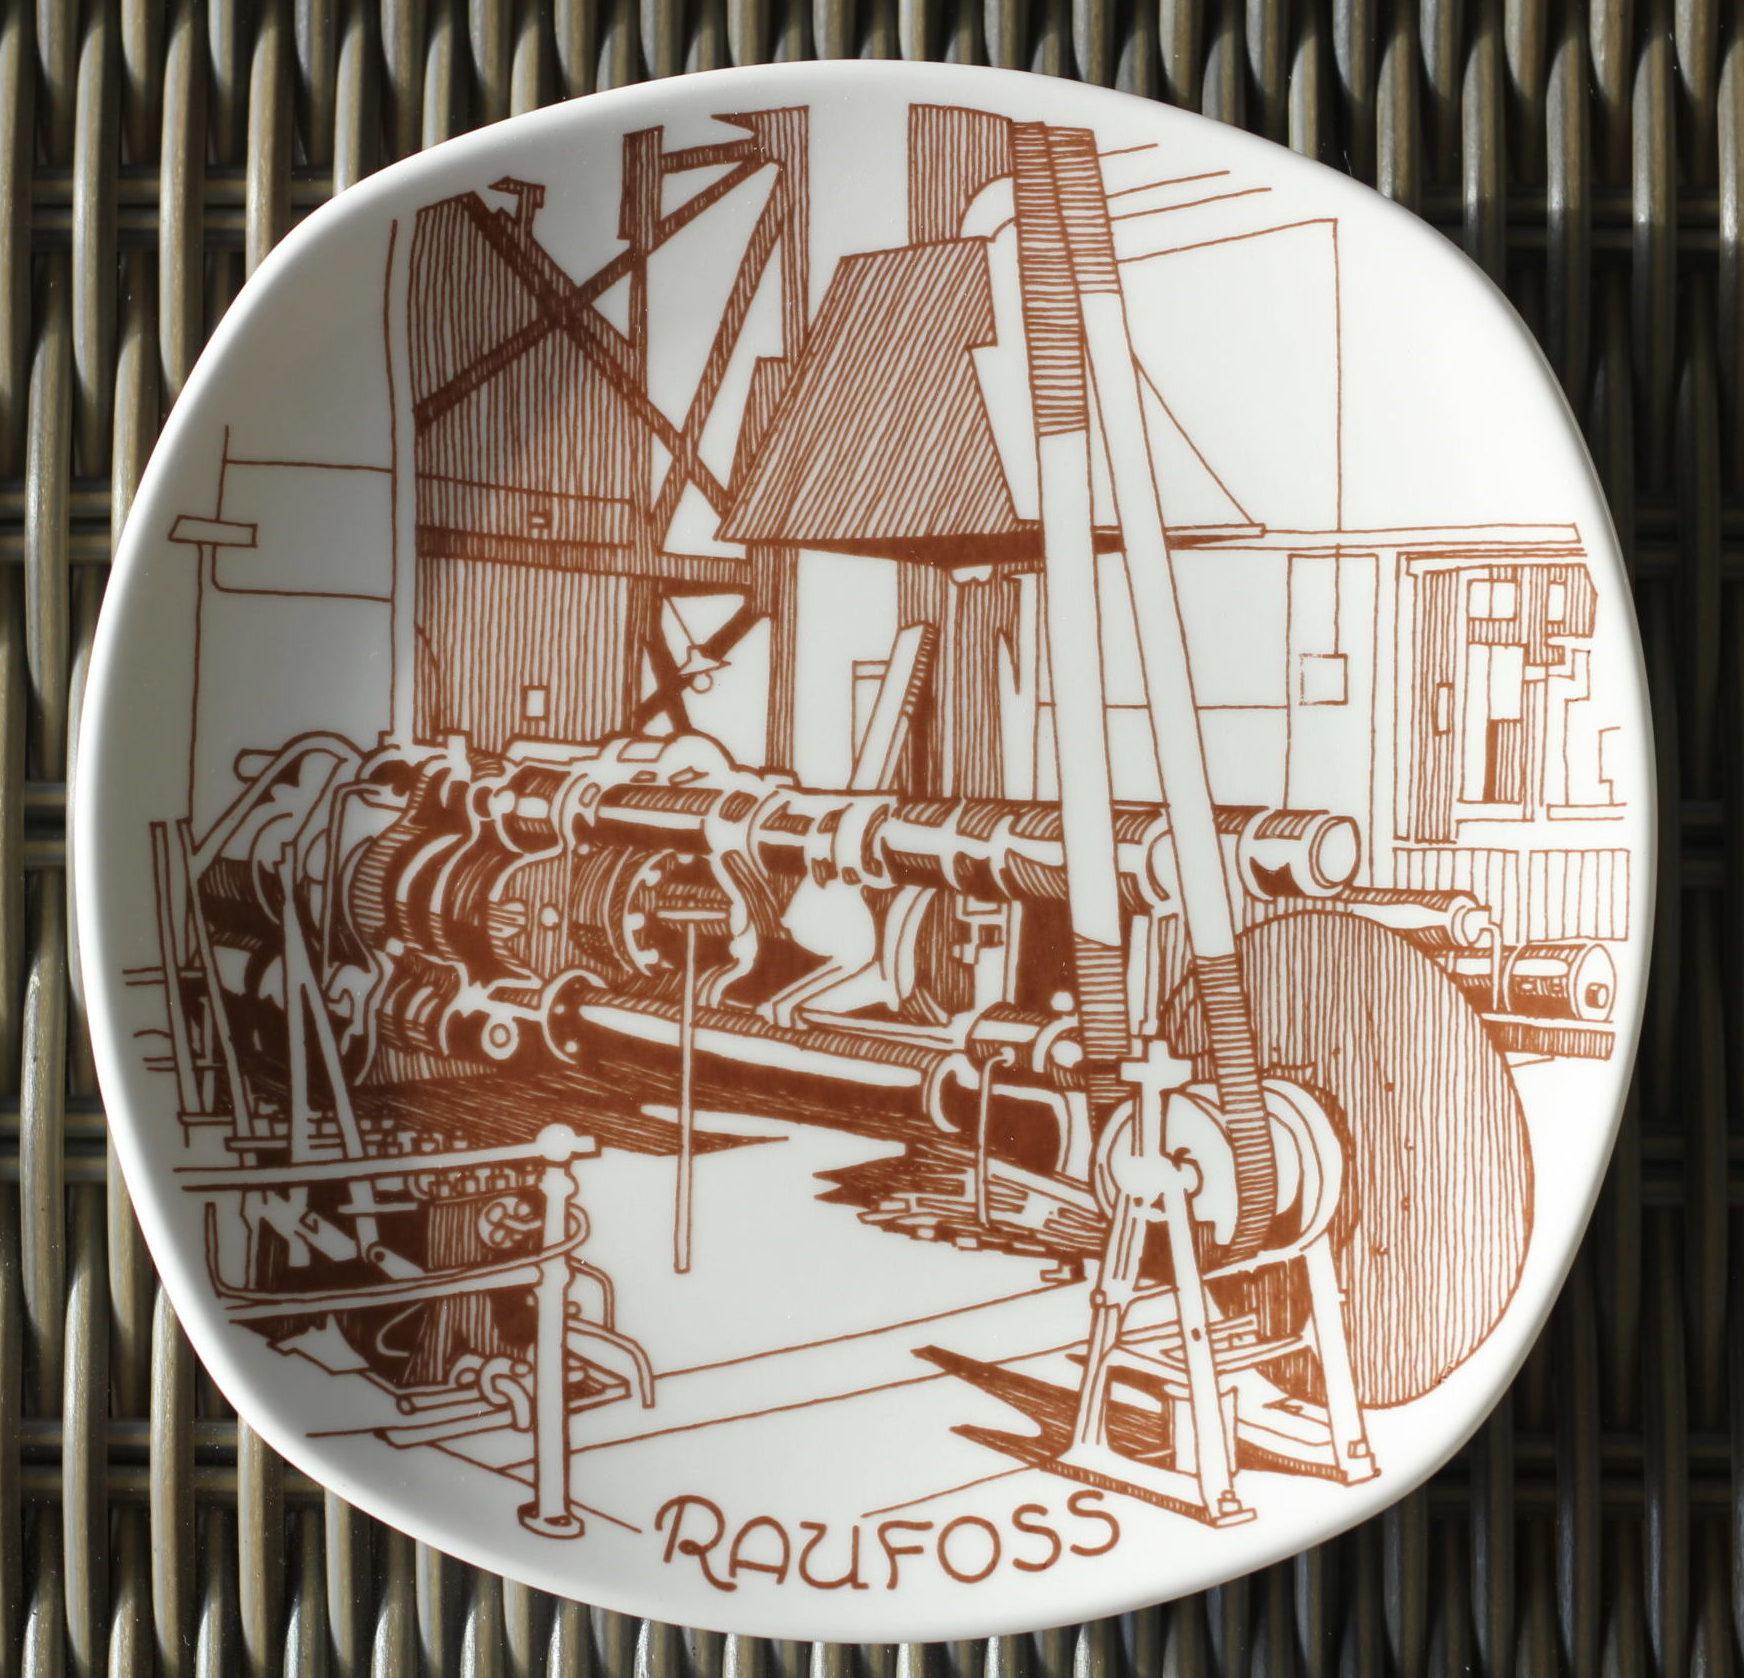 Første stangpresse satt i drift 1917 platte utgitt 1983 – Raufoss historie